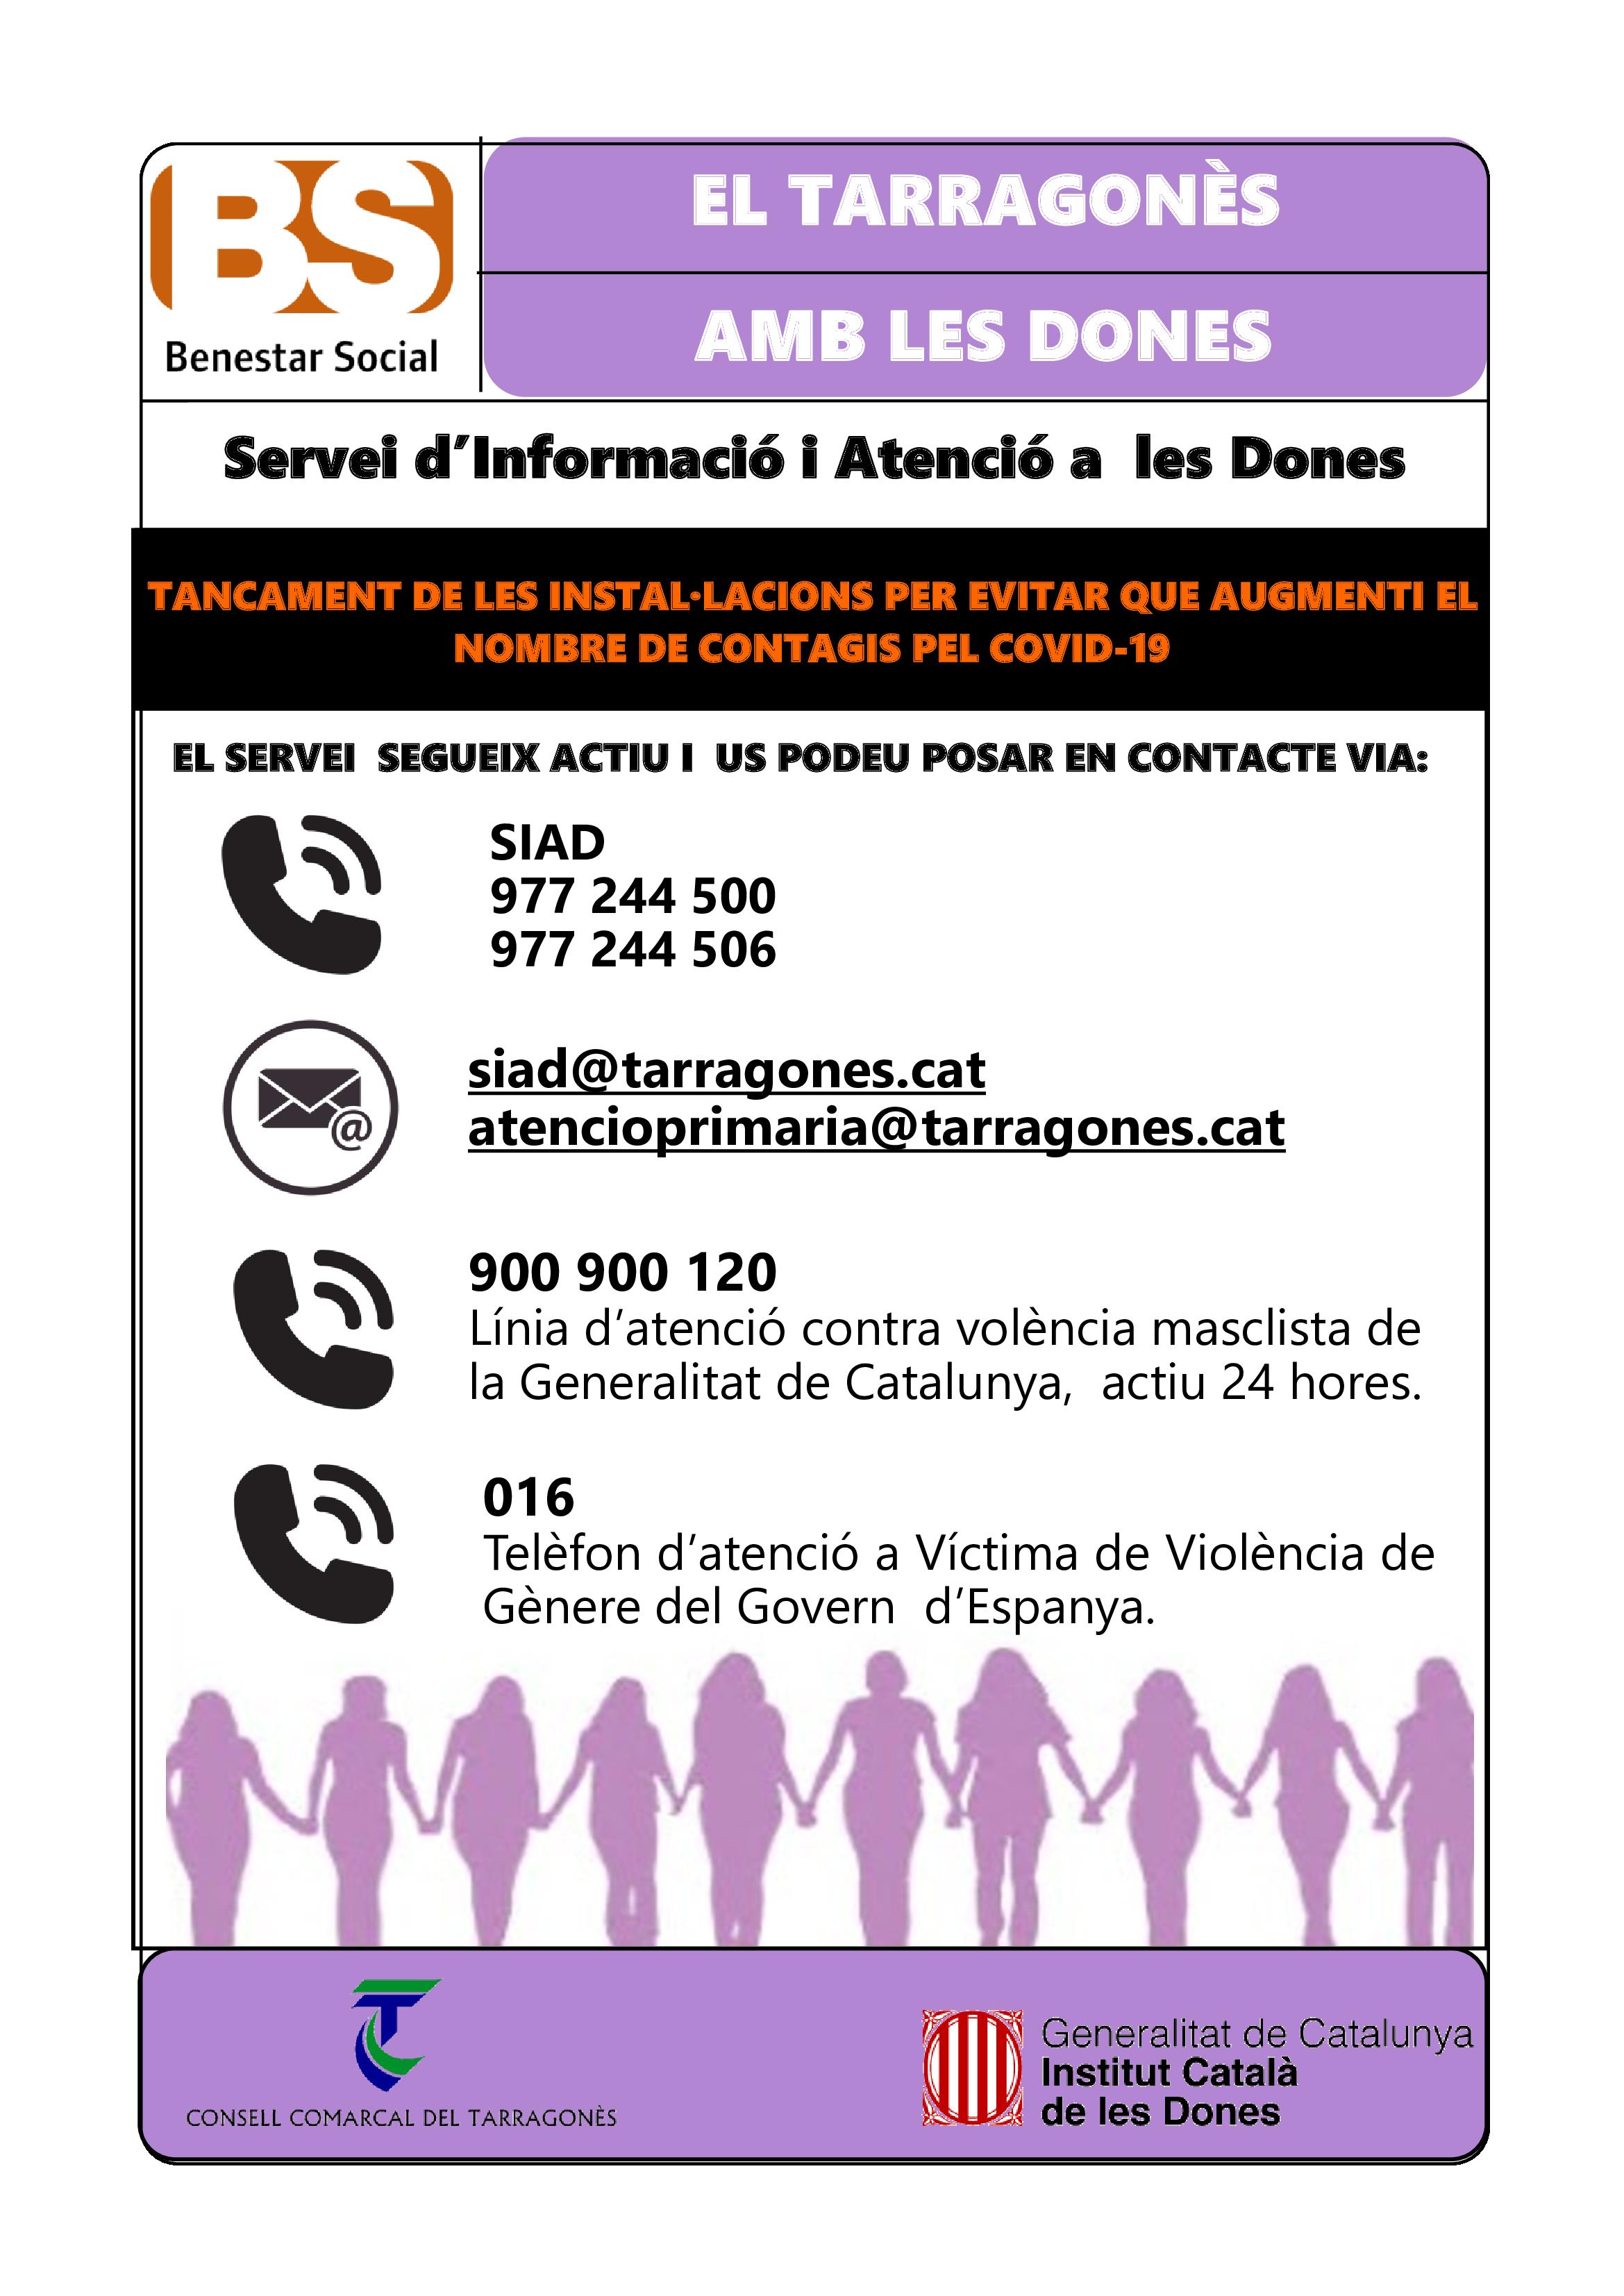 BIENESTAR SOCIAL – SERVICIO DE INFORMACIÓN Y ATENCIÓN A LAS MUJERES